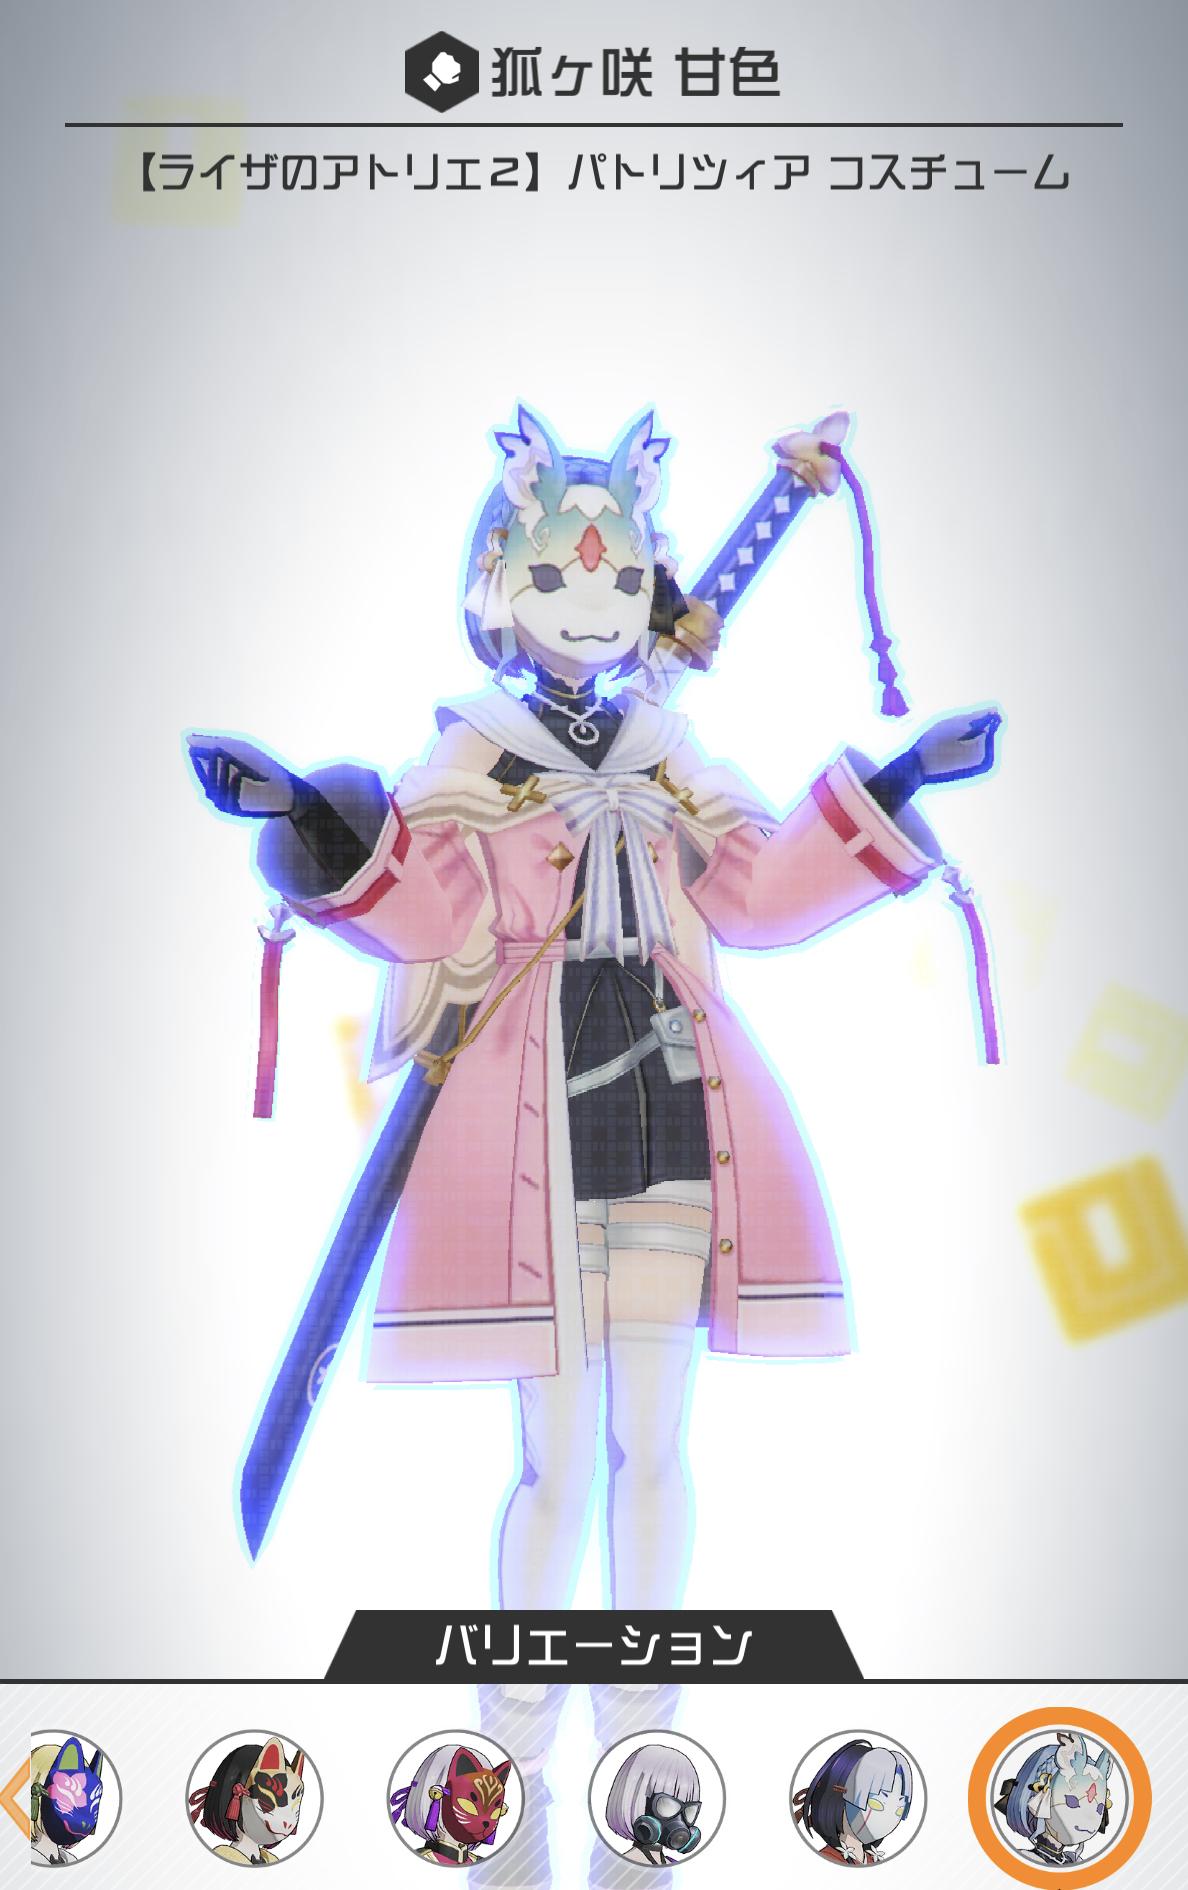 #コンパス【攻略】: 狐ヶ咲 甘色のおすすめデッキ・立ち回りまとめ【5/20更新】